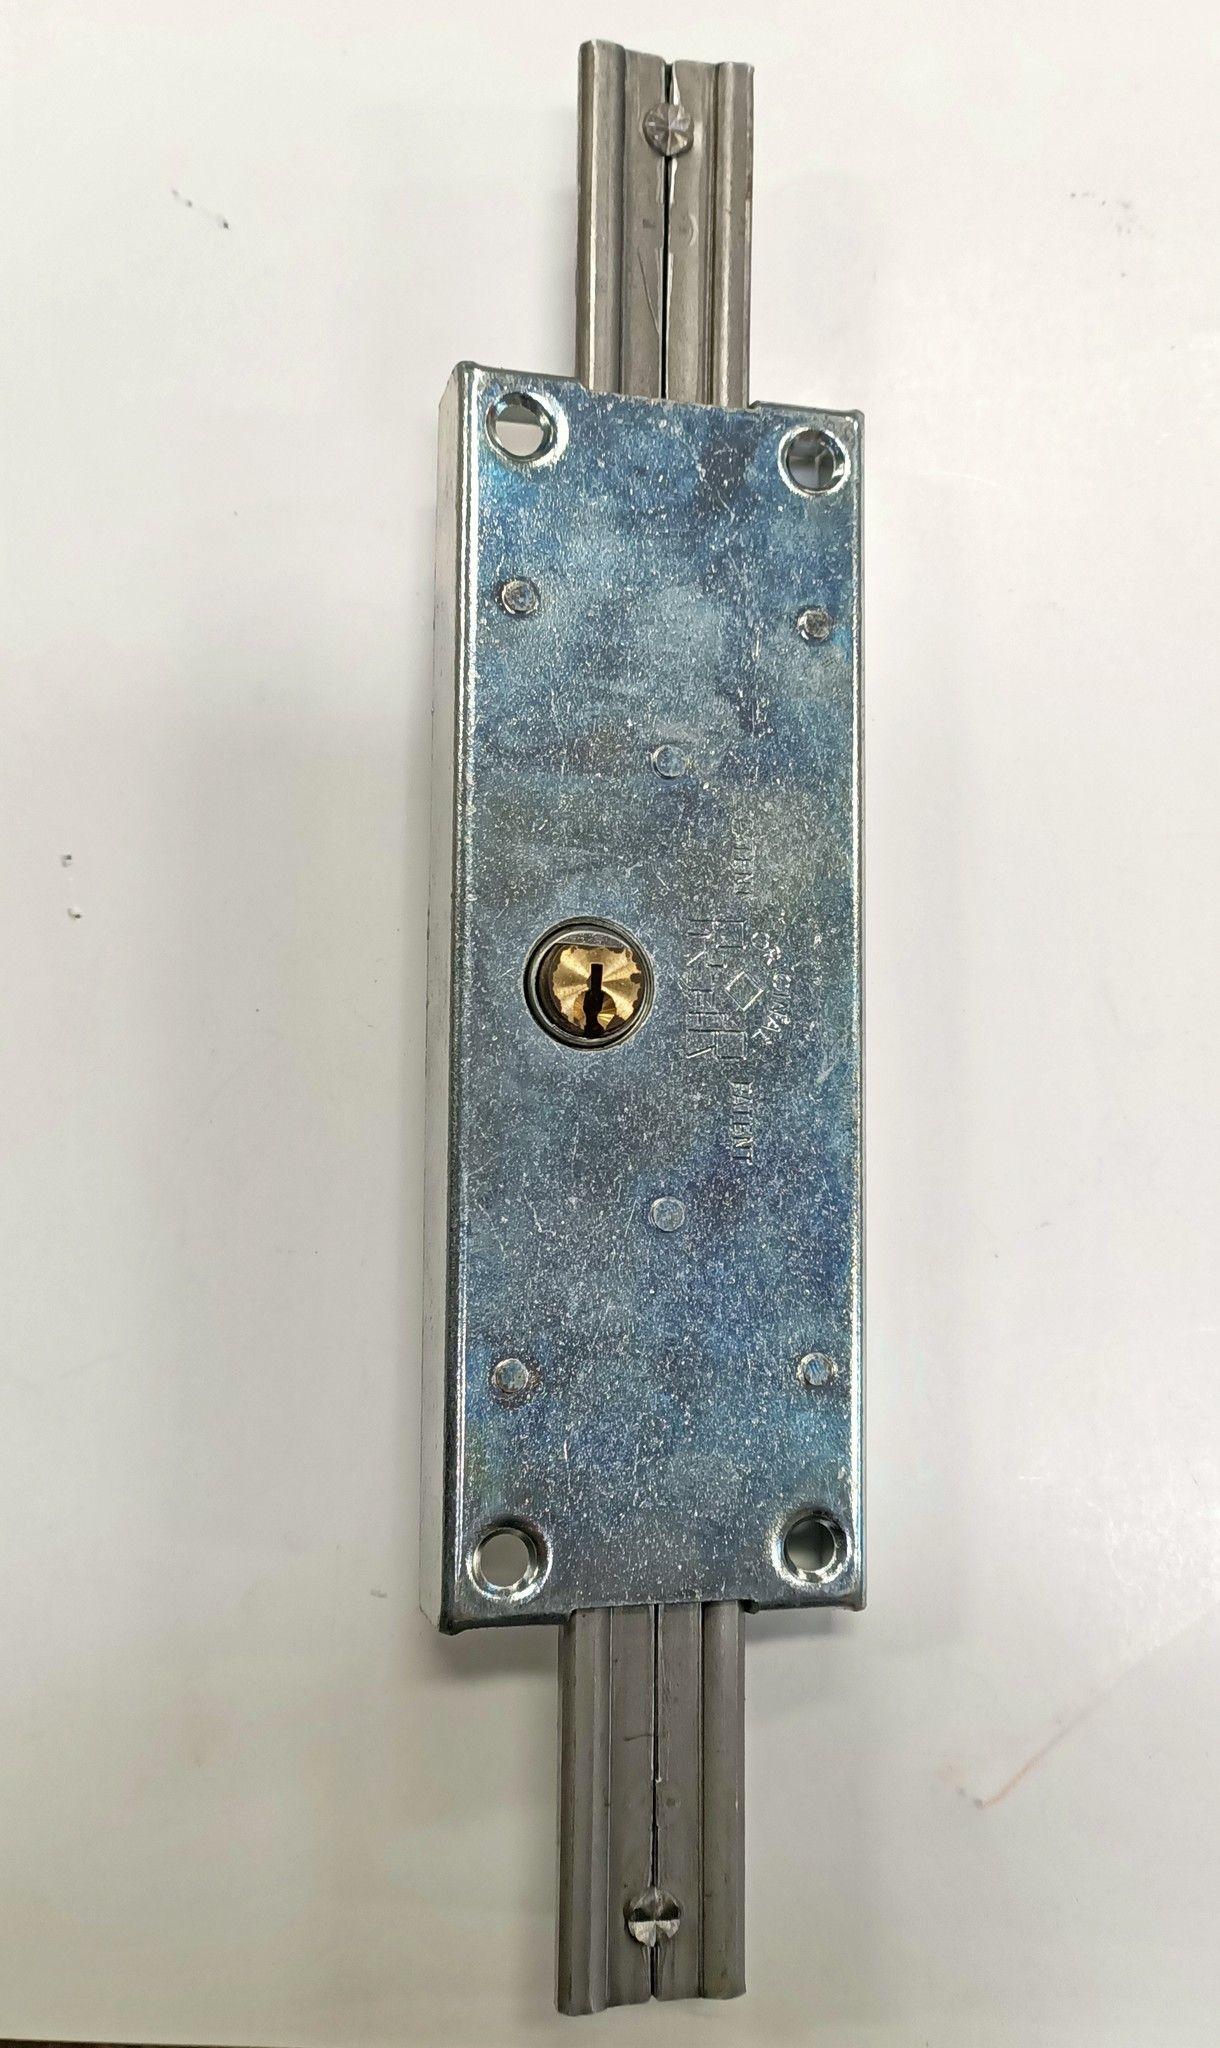 Serratura PREFER A311 Dx per serrande scorrevoli con cilindro tondo in ottone